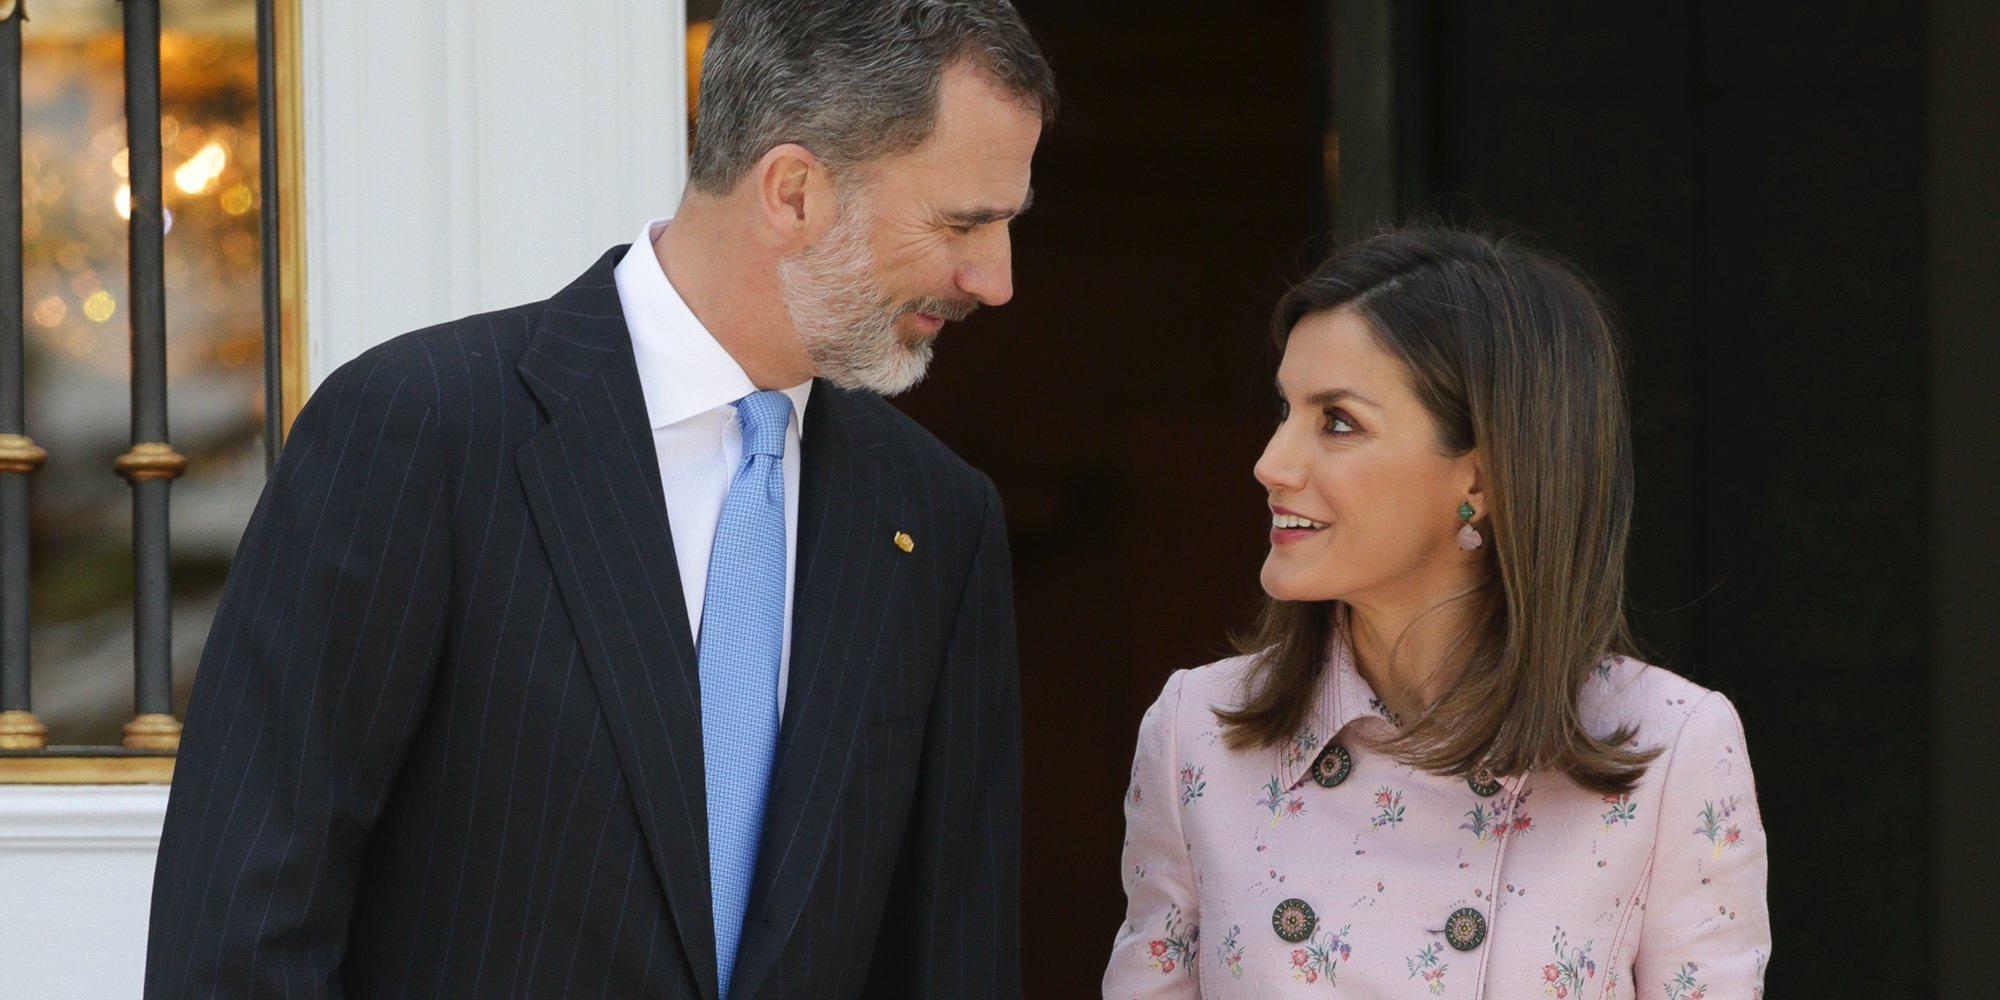 Los Reyes Felipe y Letizia desmienten los rumores de divorcio con gestos de cariño en La Zarzuela